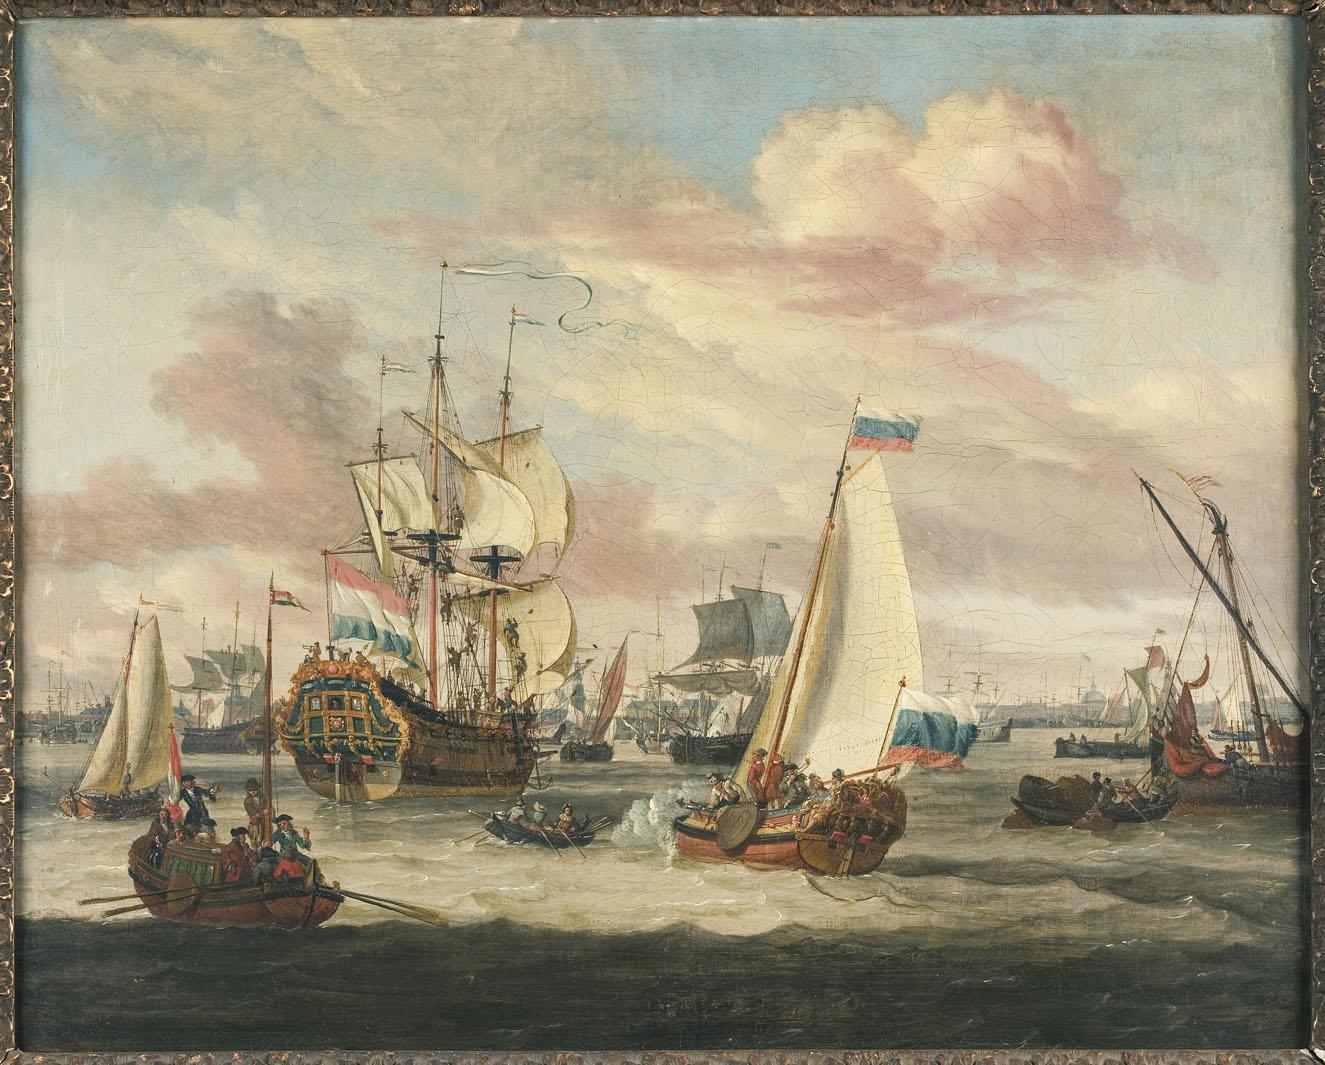 Abraham storck schilderij spiegelgevecht op het ij het geheugen van nederland online - Schilderij in de kamer ...